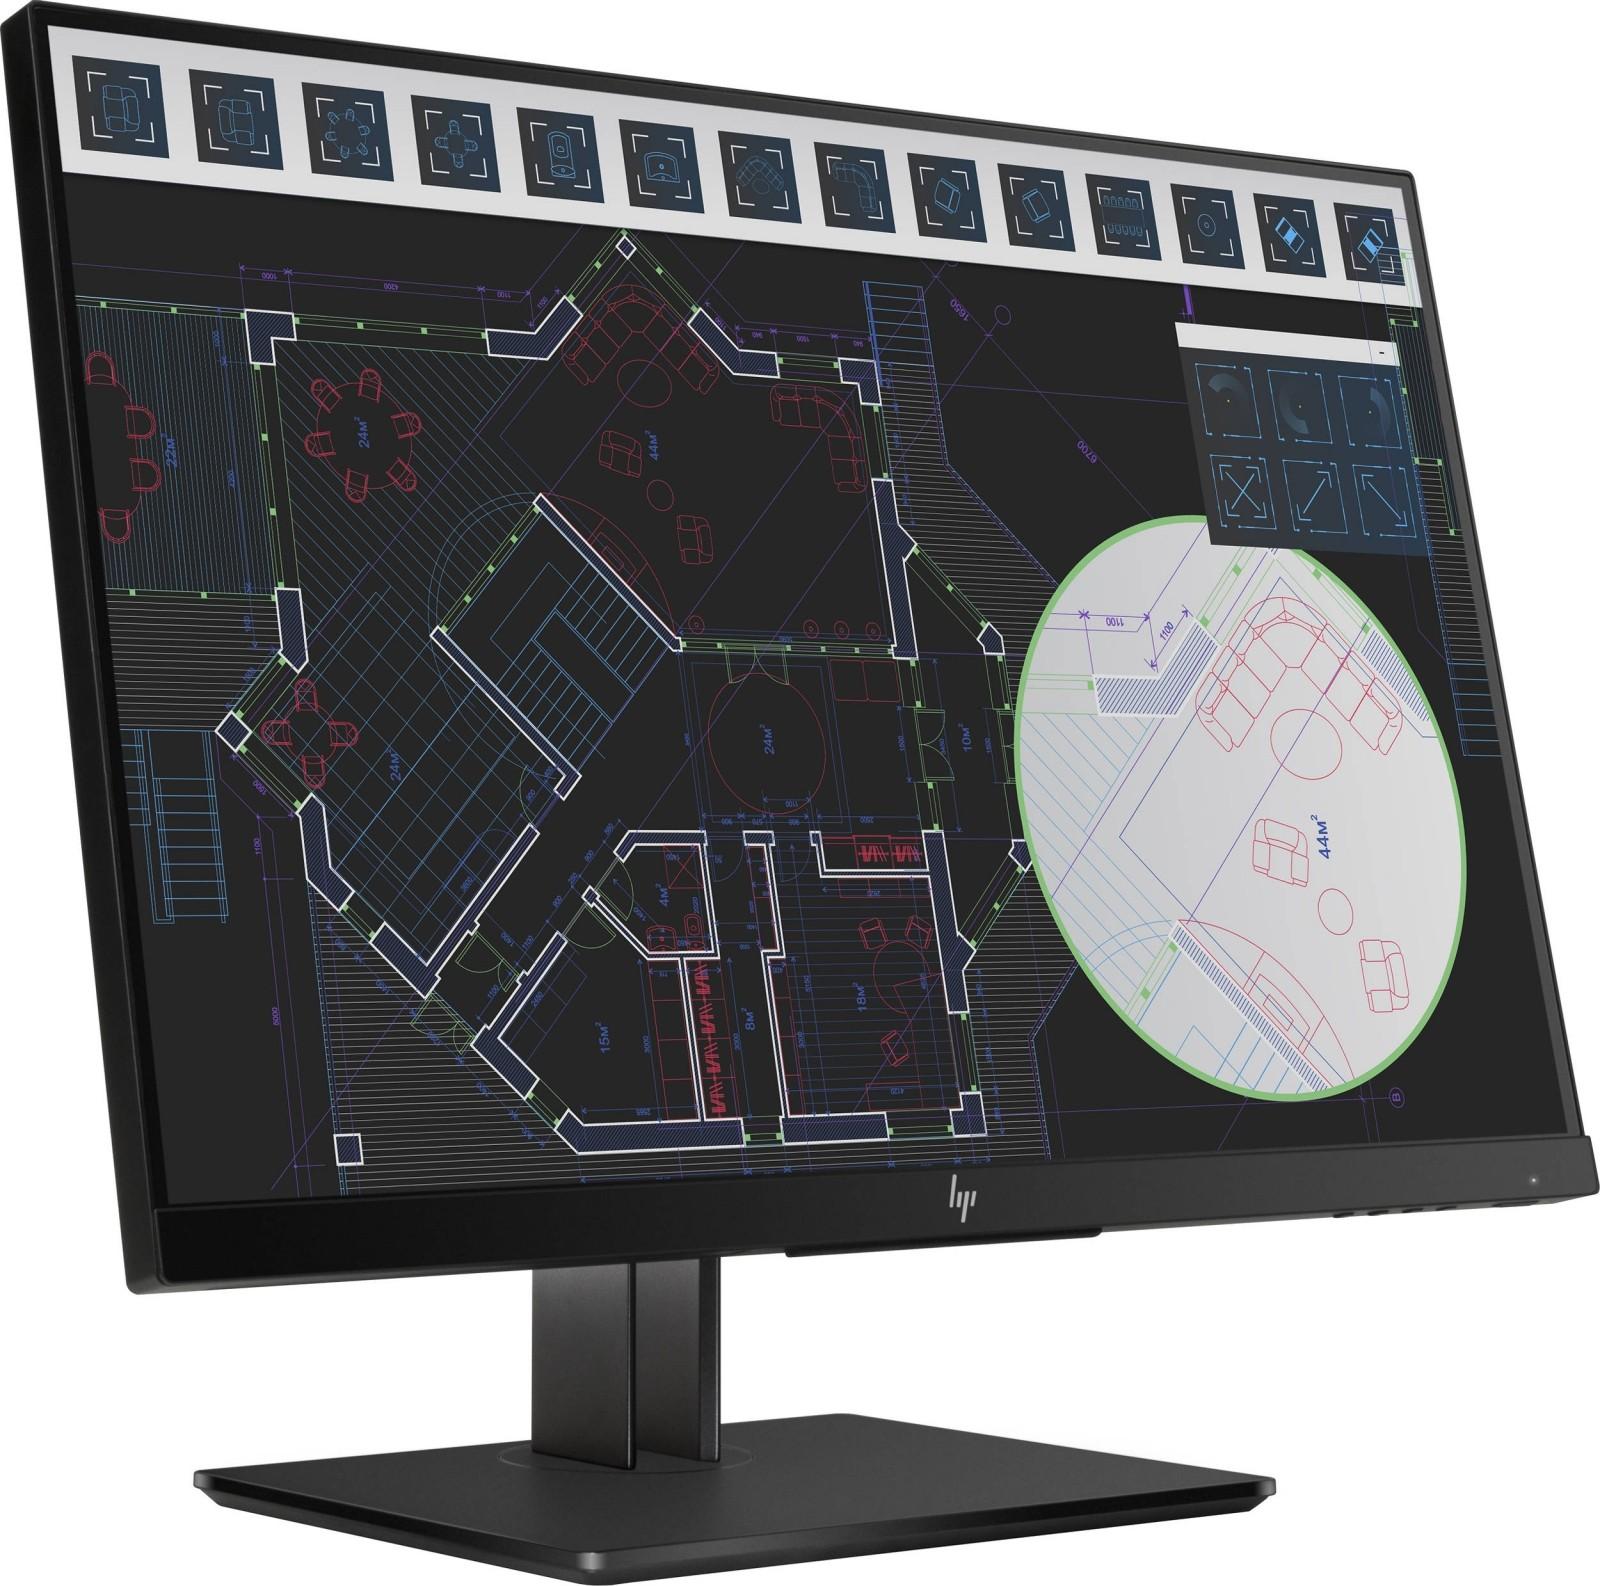 Hp Z Display Z24i G2 24 1610 Ips Monitor Black 1js08a4abv Buy Lg Full Hd Gaming Inch 24gm79g B 1js08a4